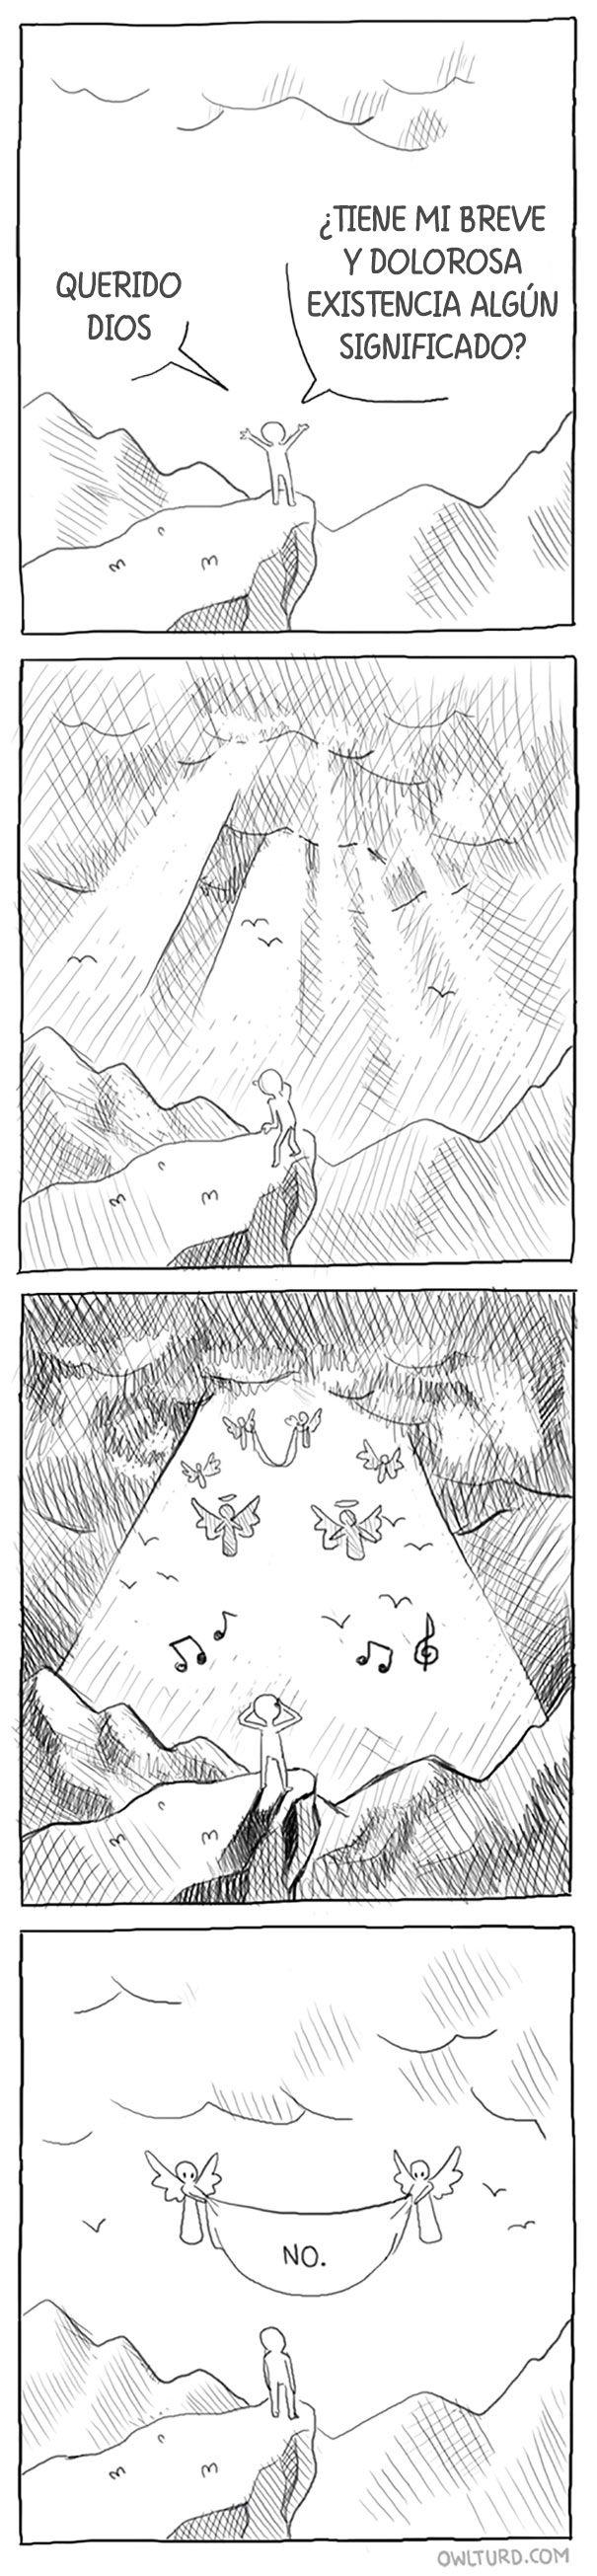 7 Divertidos y certeros cómics sobre la vida adulta, por Owlturd